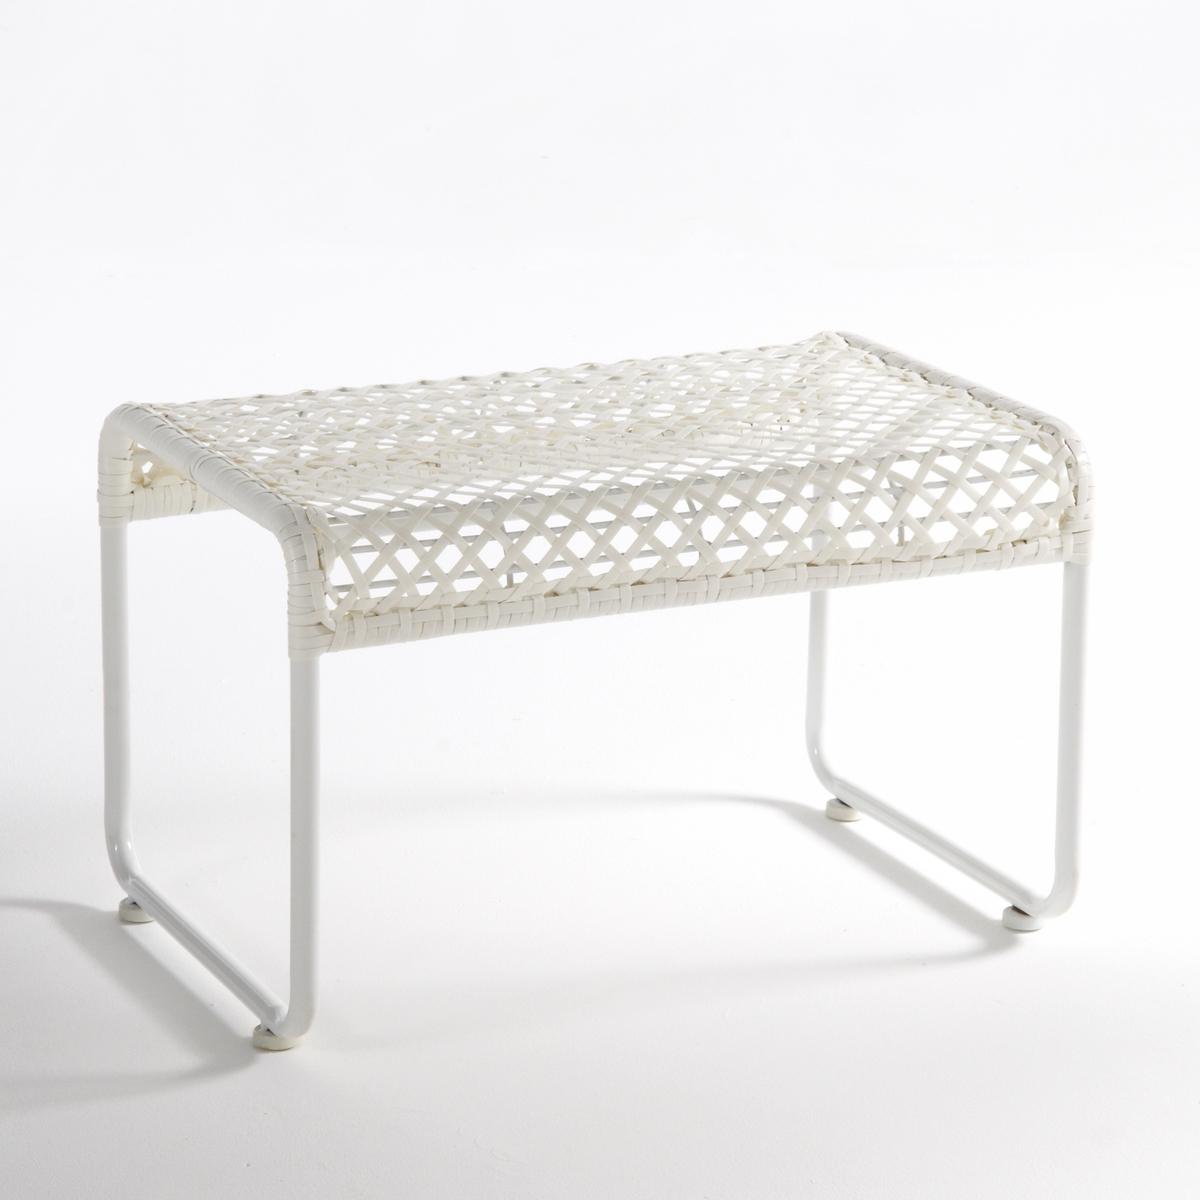 Опора для ног или табурет для сада, LeygilОпора для ног или табурет для сада Leygil. Атмосфера отдыха или коктейльная вечеринка на террасе или балконе, табурет для сада или опора для ног Leygil станет необходимым предметом мебели для лета. Не забудьте заказать кресло того же комплекта из коллекции Leygil.Характеристики опоры для ног или табурета для сада Leygil :Сиденье и спинка из гладких плетеных полимерных волокон.Каркас из металлической трубки диаметром 19 мм, покрытие эпоксидной краской.Кресло того же комплекта представлено на сайте laredoute.ruВсю коллекцию для сада, а также всю коллекцию Leygil вы можете найти на сайте laredoute.ruРазмеры опоры для ног или табурета для сада Leygil :Общие размерыДлина : 60 смВысота : 38 смГлубина : 40 смСиденье : В.38 смРазмеры и вес упаковки:1 упаковка64 x 42 x 44 см 3,1 кгДоставка:Товар может быть доставлен до двери по предварительной договоренности.Продается в собранном виде.     Внимание! Убедитесь, что доставка товара возможна, учитывая его габариты (проходит в дверные проемы, лифты и по лестницам) .<br><br>Цвет: белый,черный